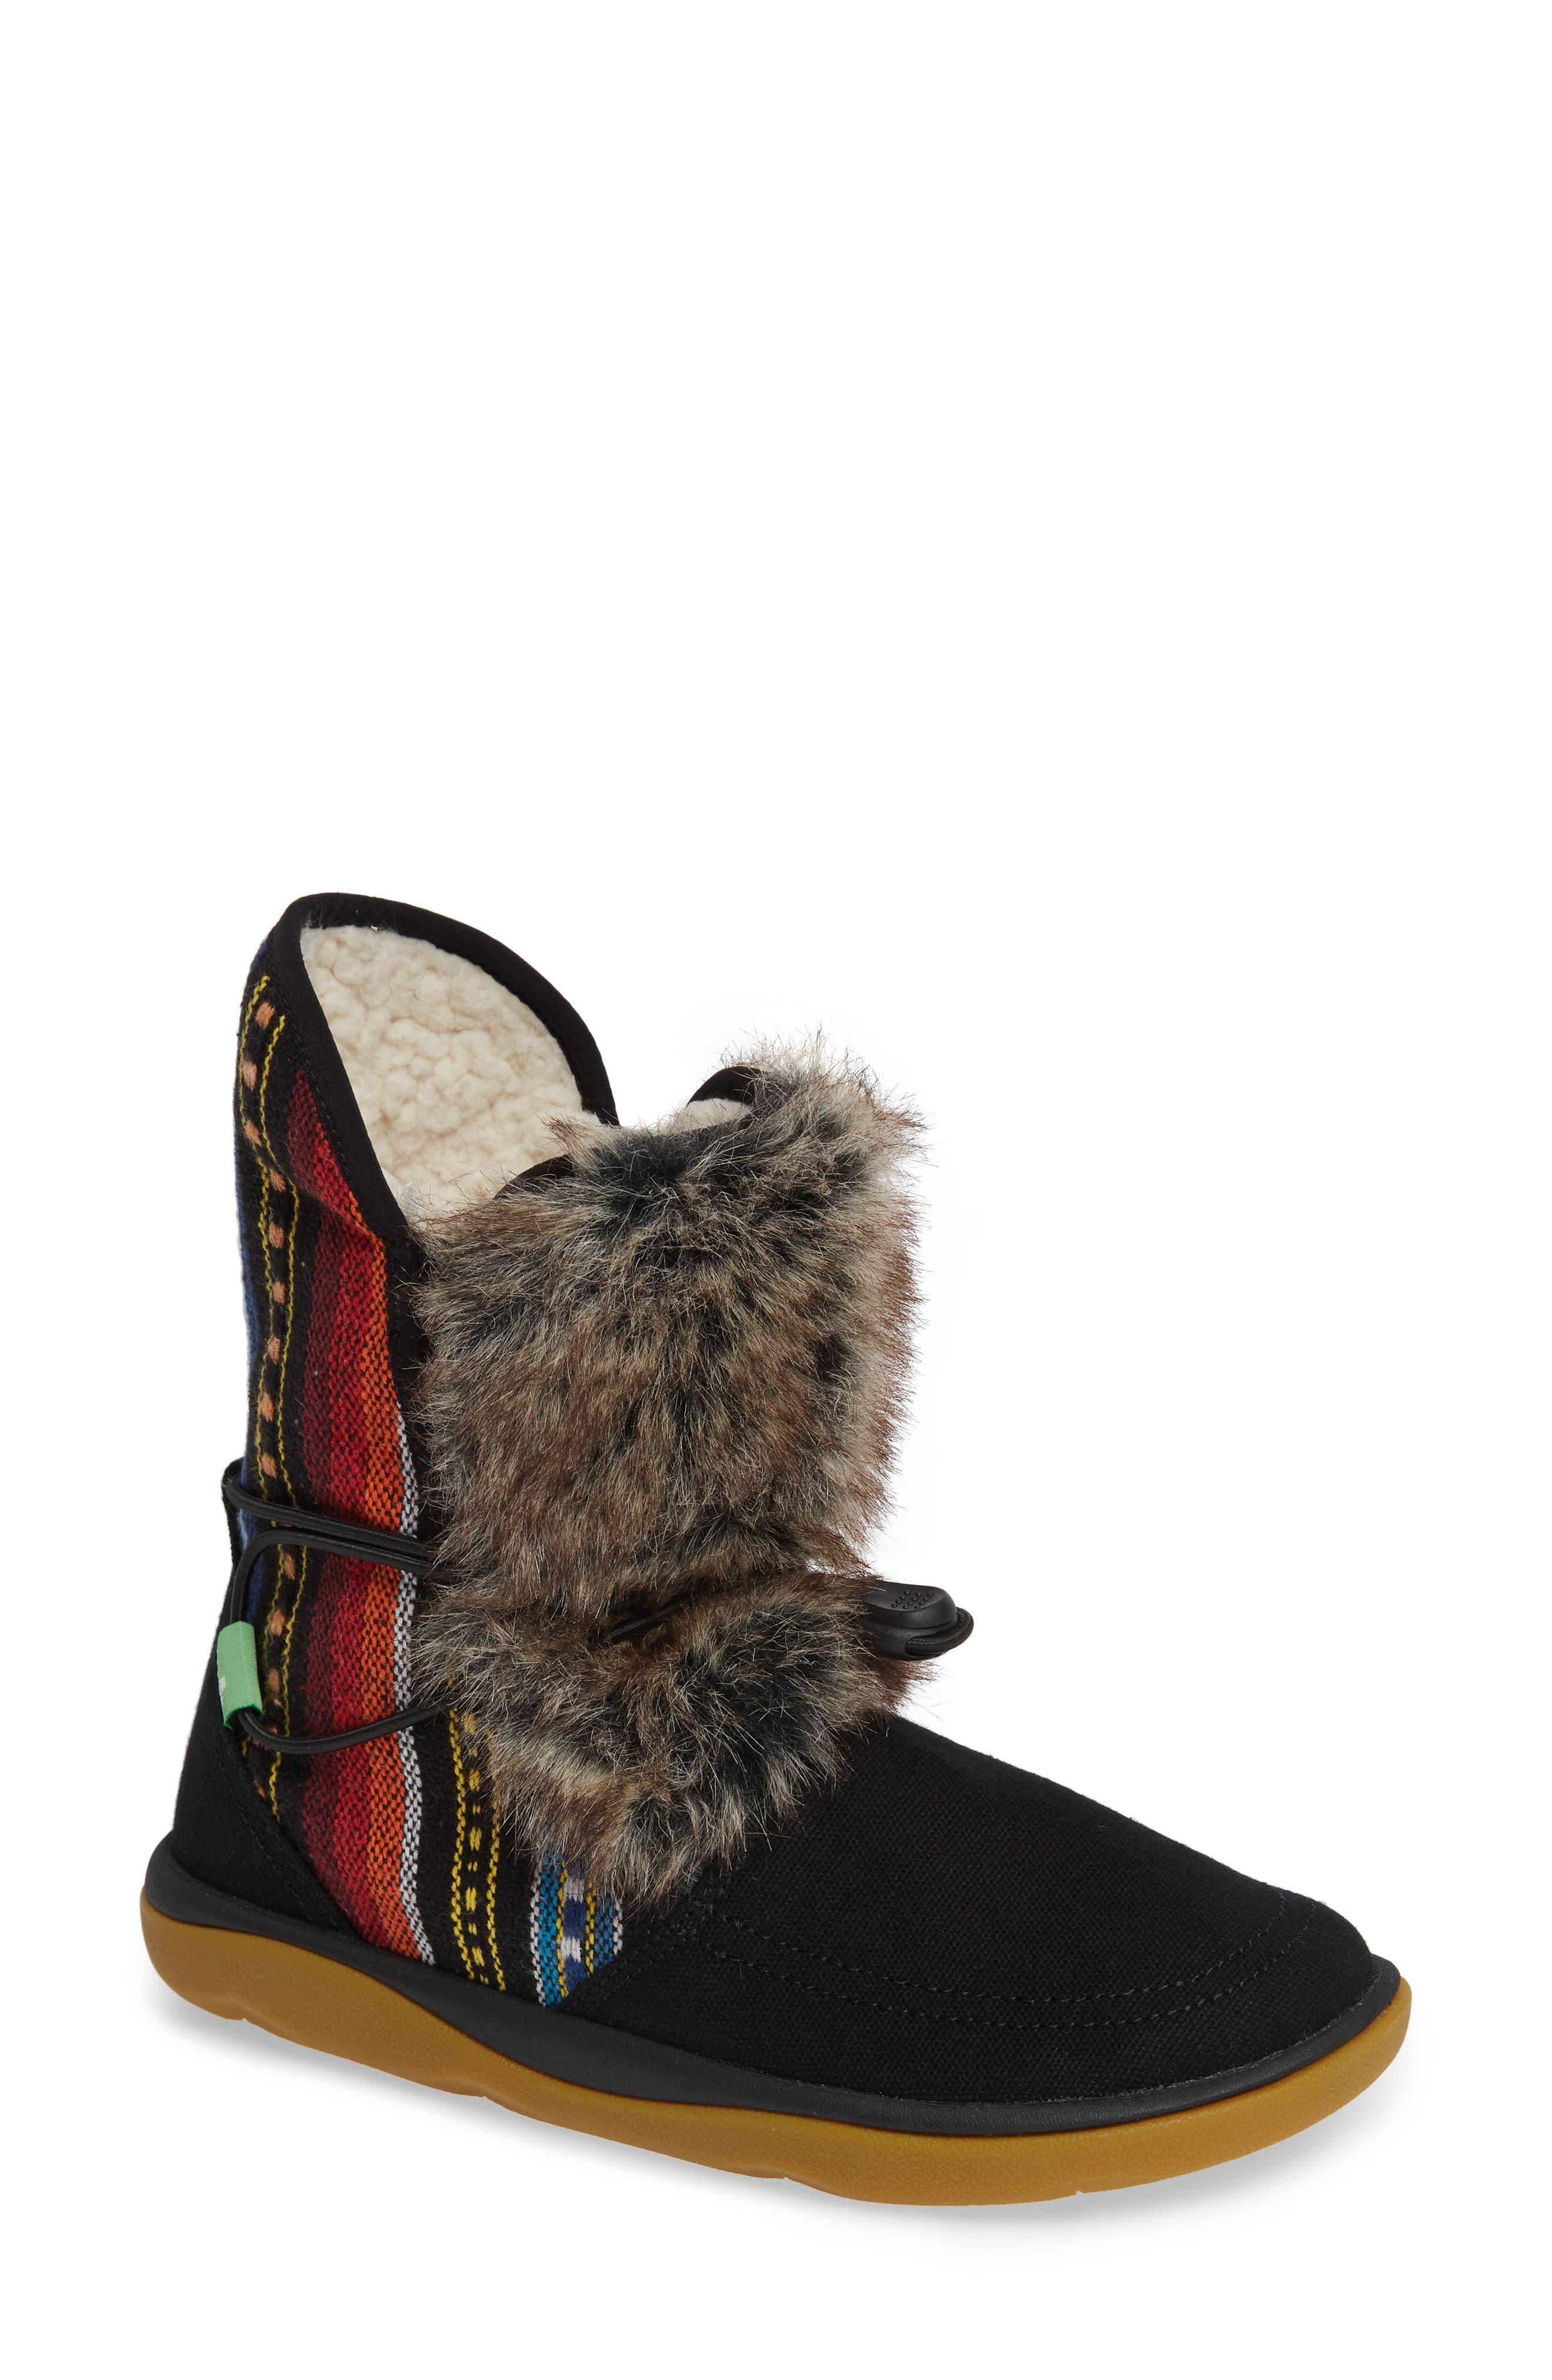 acbae37584b Women s Sanuk Shoes